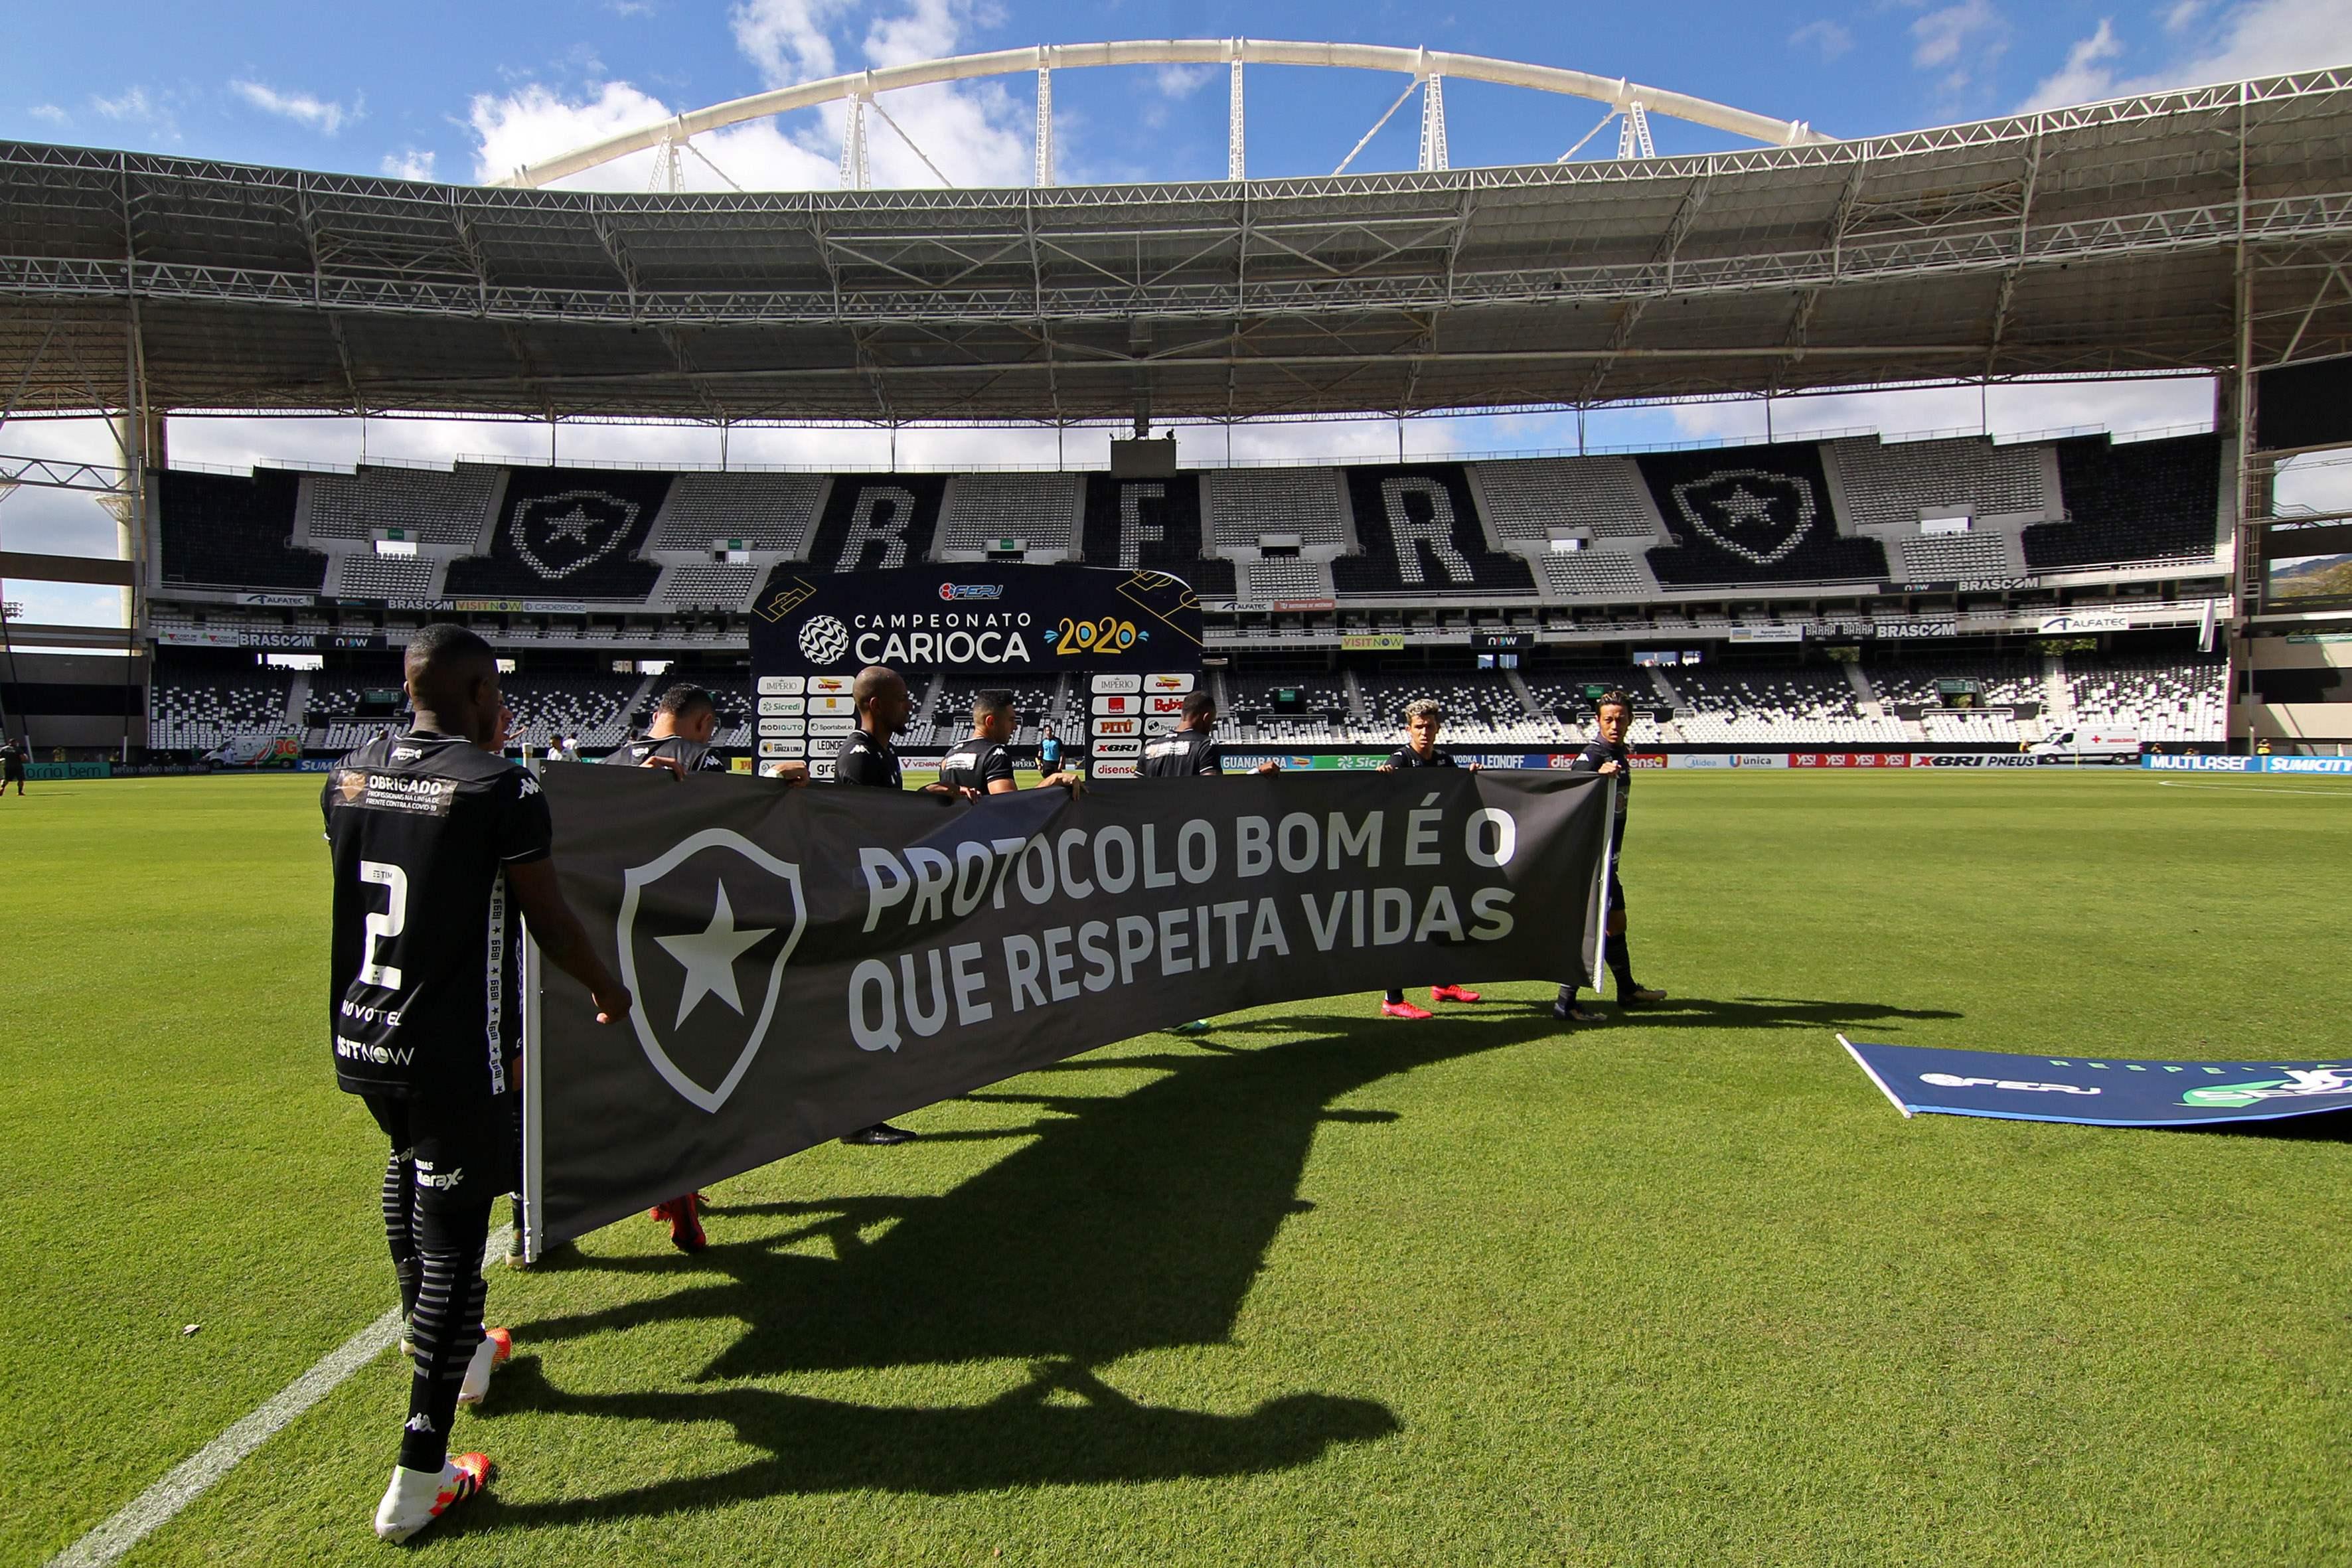 Pandemia de coronavírus: Retomada às pressas do futebol no Rio ignora  jogadores infectados e projeta abertura a torcedores | Esportes | EL PAÍS  Brasil